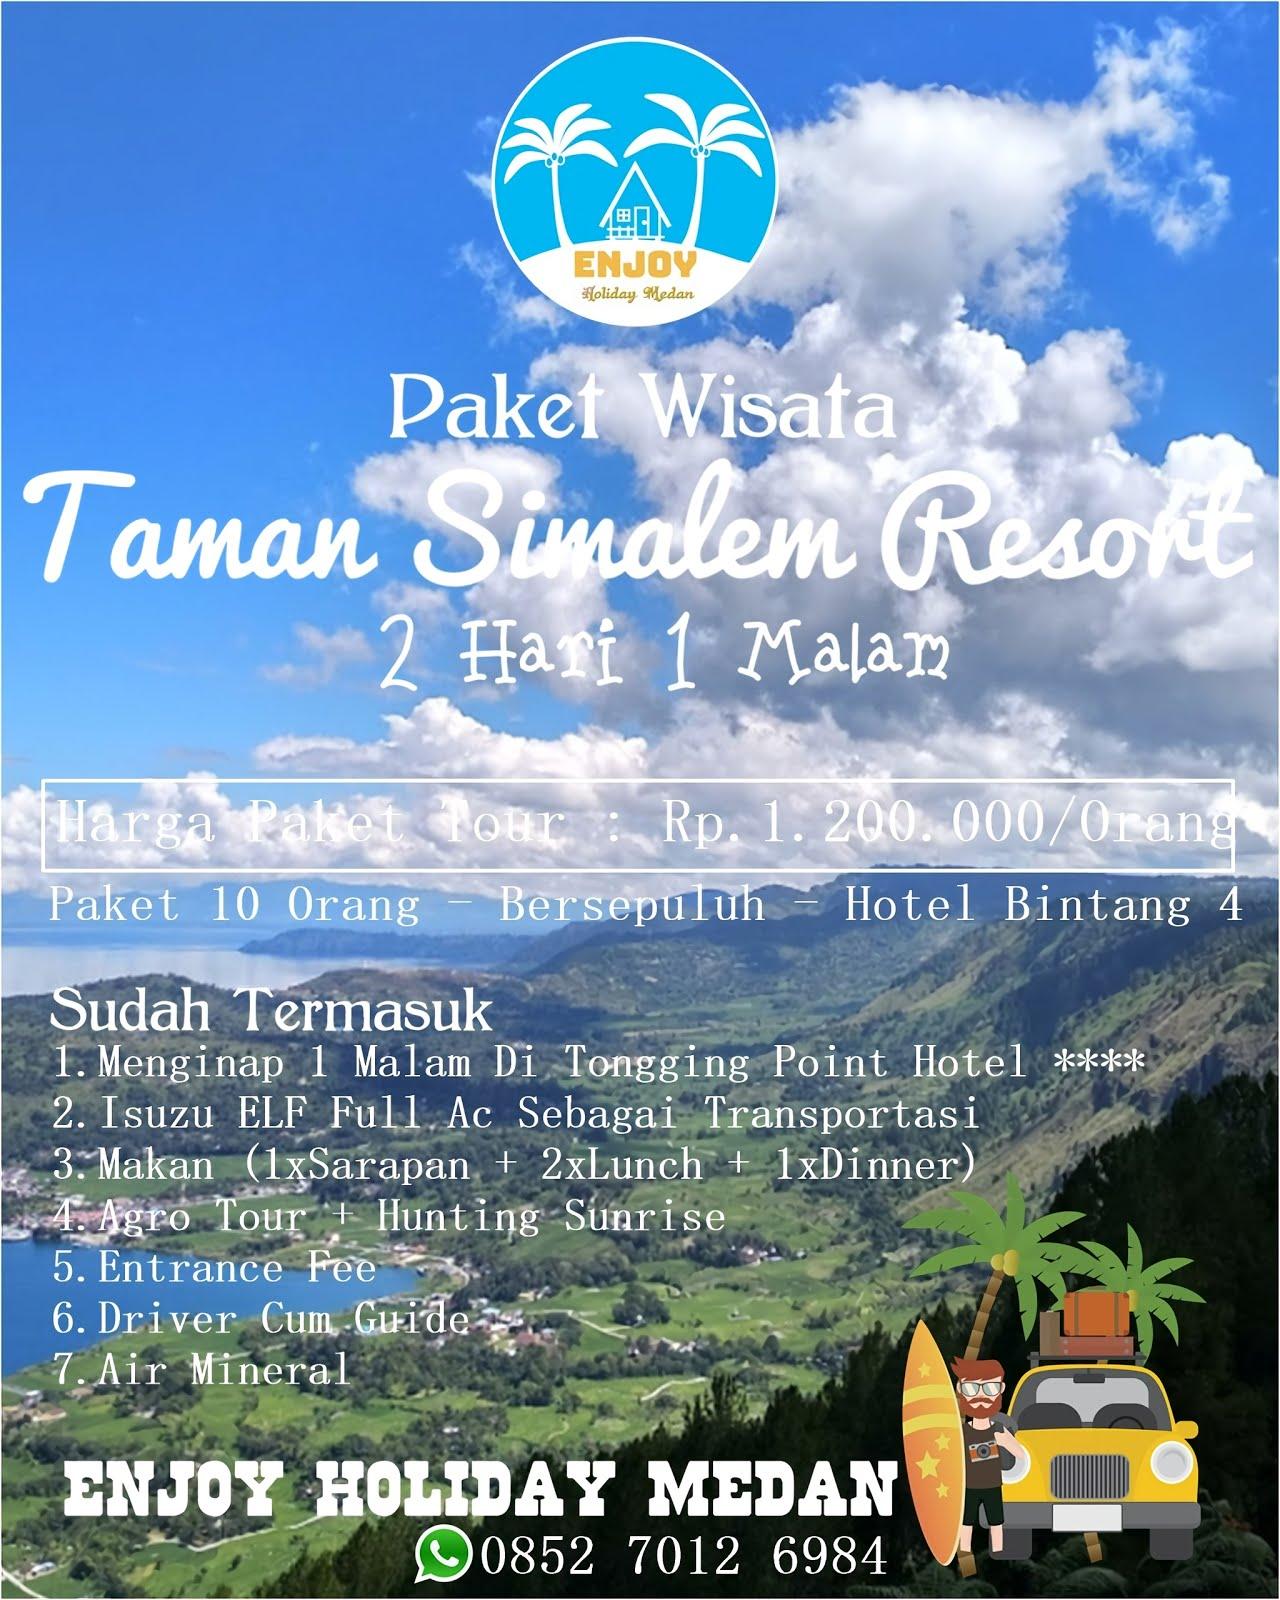 Paket Tour Taman Simalem Resort 2 Hari 1 Malam - BERSEPULUH